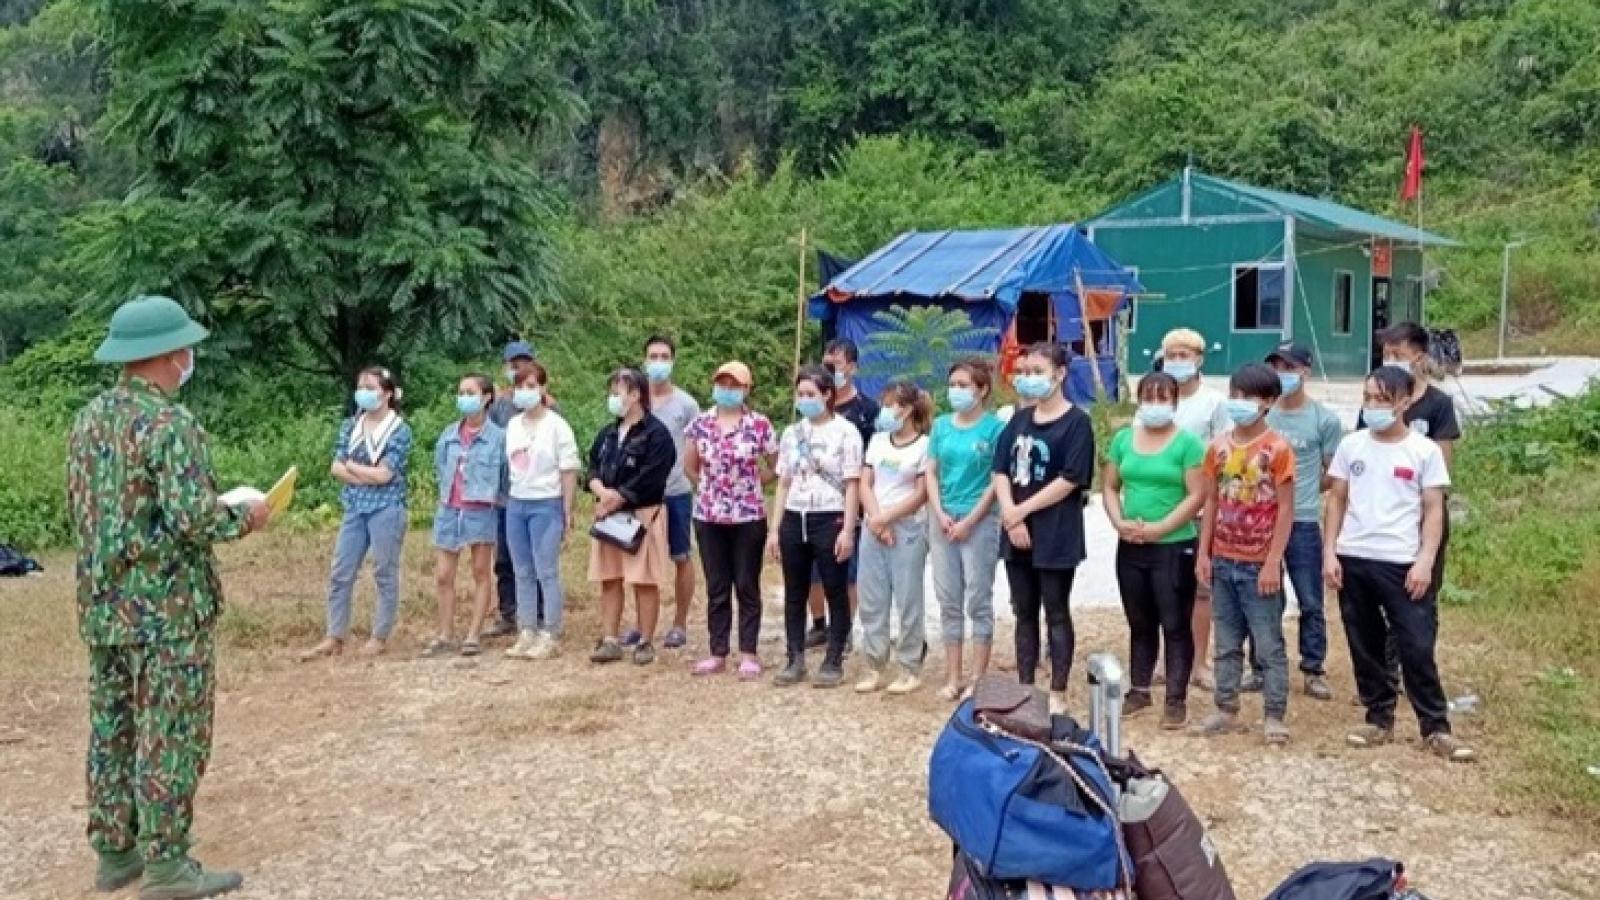 Cao Bằng: Ngăn chặn 54 công dân nhập cảnh trái phép từ Trung Quốc về Việt Nam